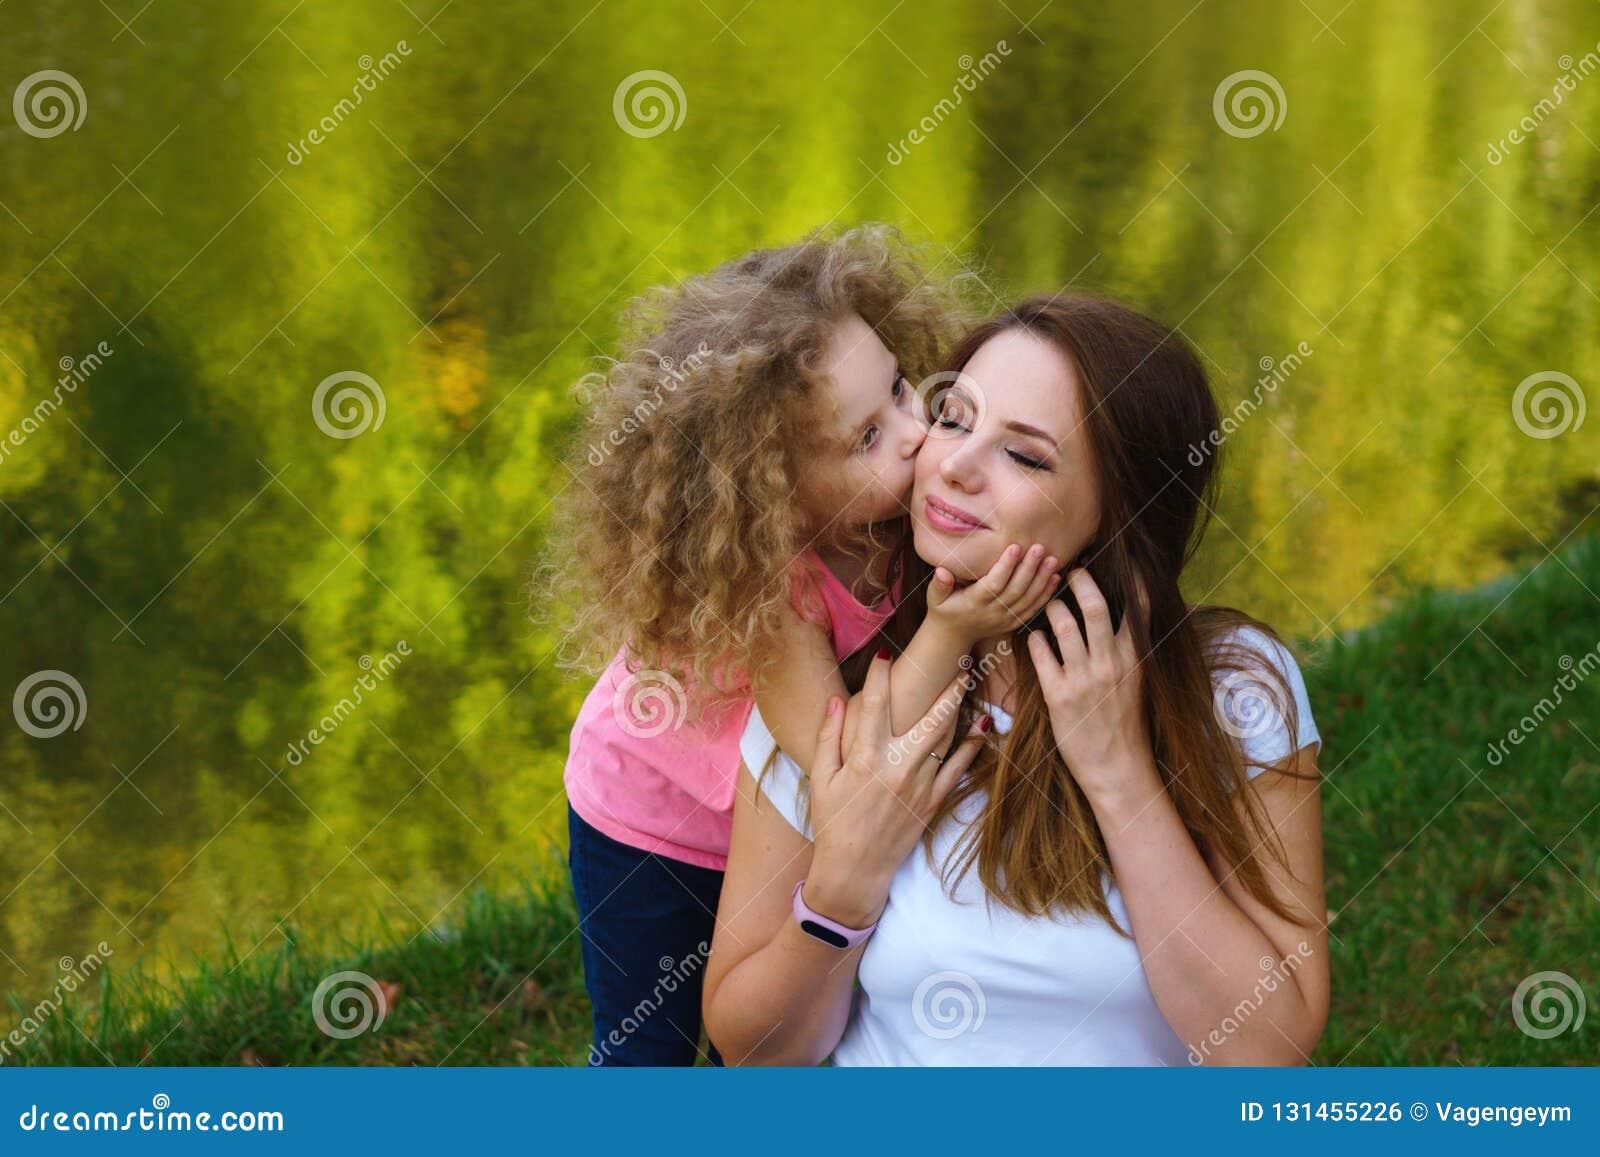 家庭时间 母亲和女儿河岸的 女孩拥抱并且亲吻母亲